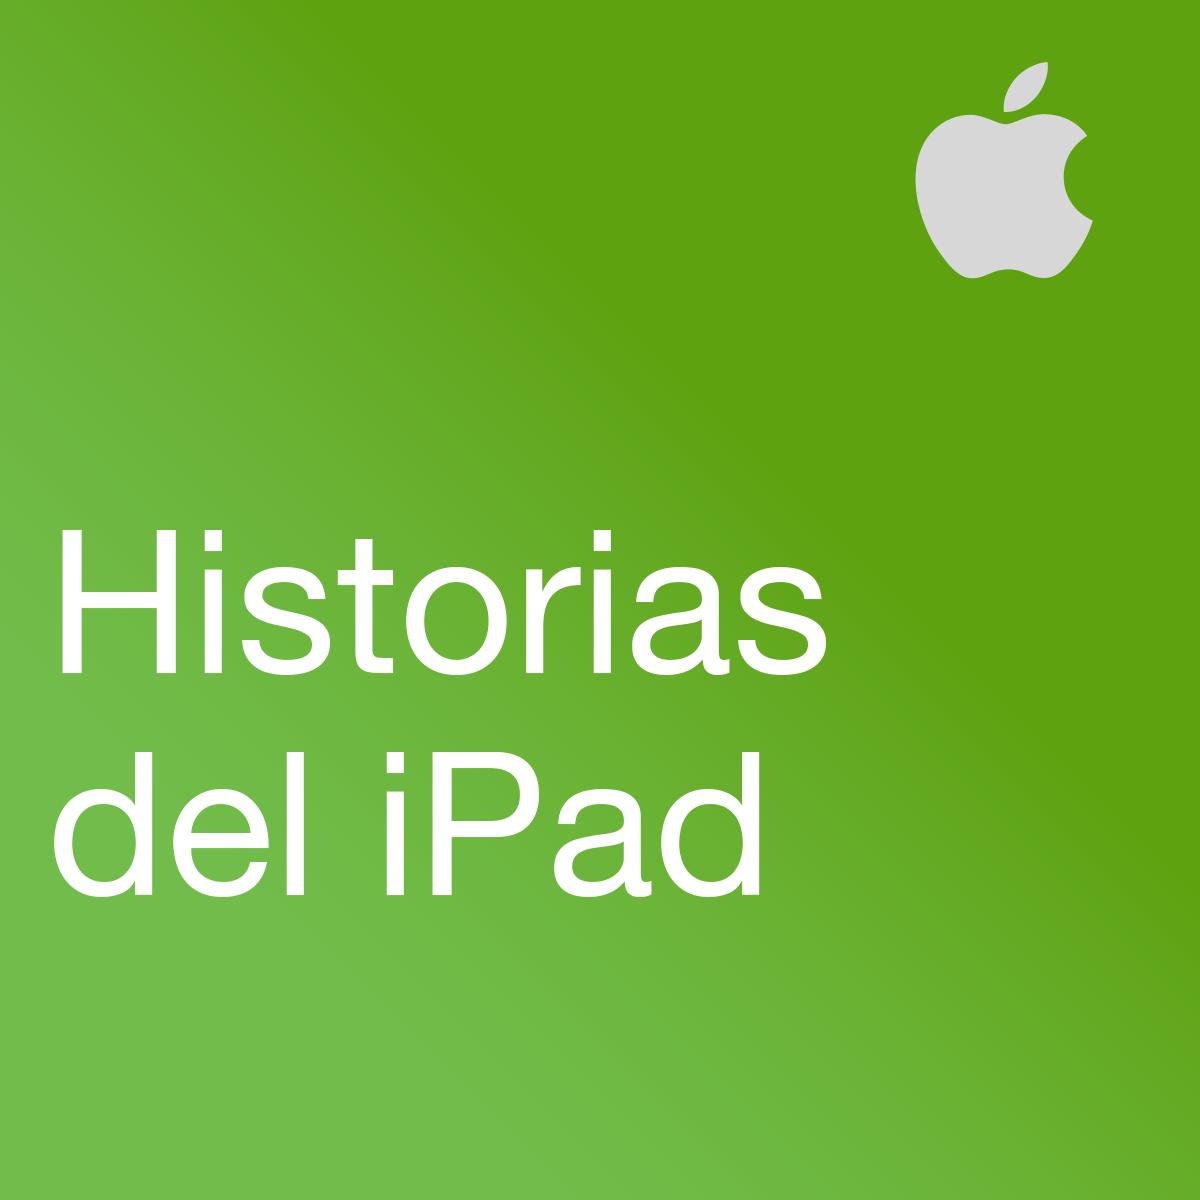 El iPad en la empresa: Perfiles del iPad